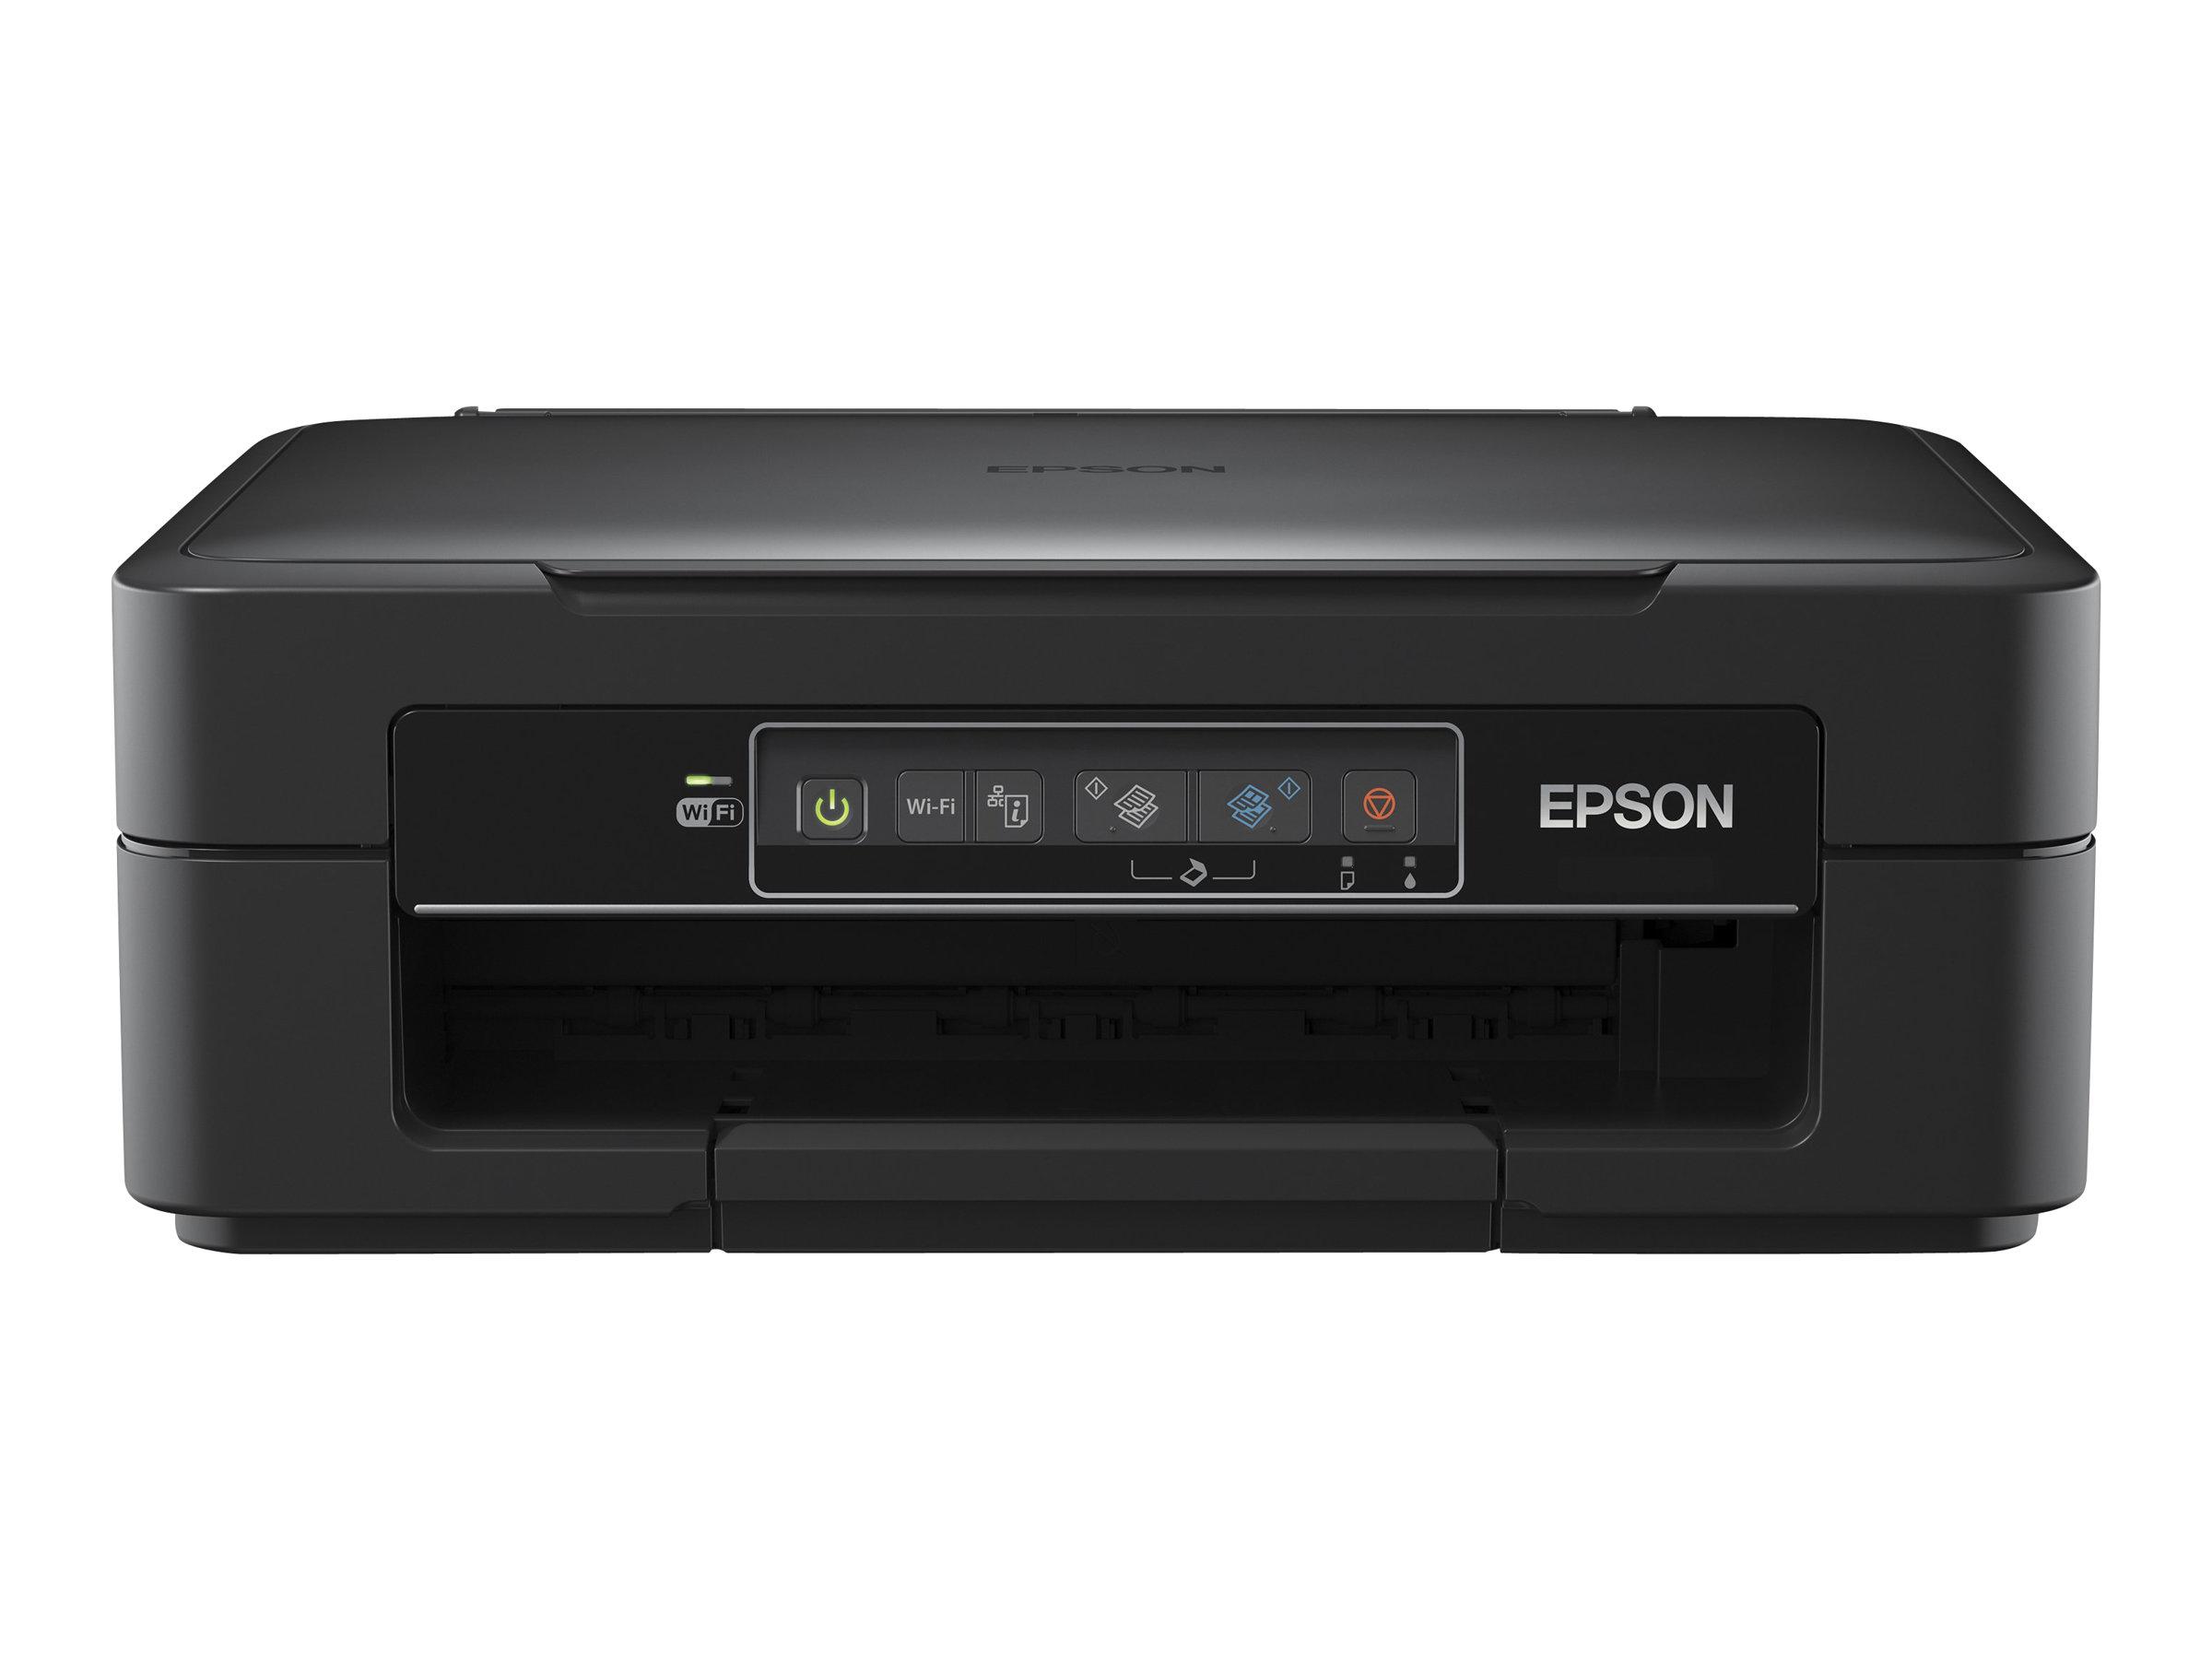 epson expression home xp 245 imprimante multifonctions couleur imprimantes jet d 39 encre. Black Bedroom Furniture Sets. Home Design Ideas